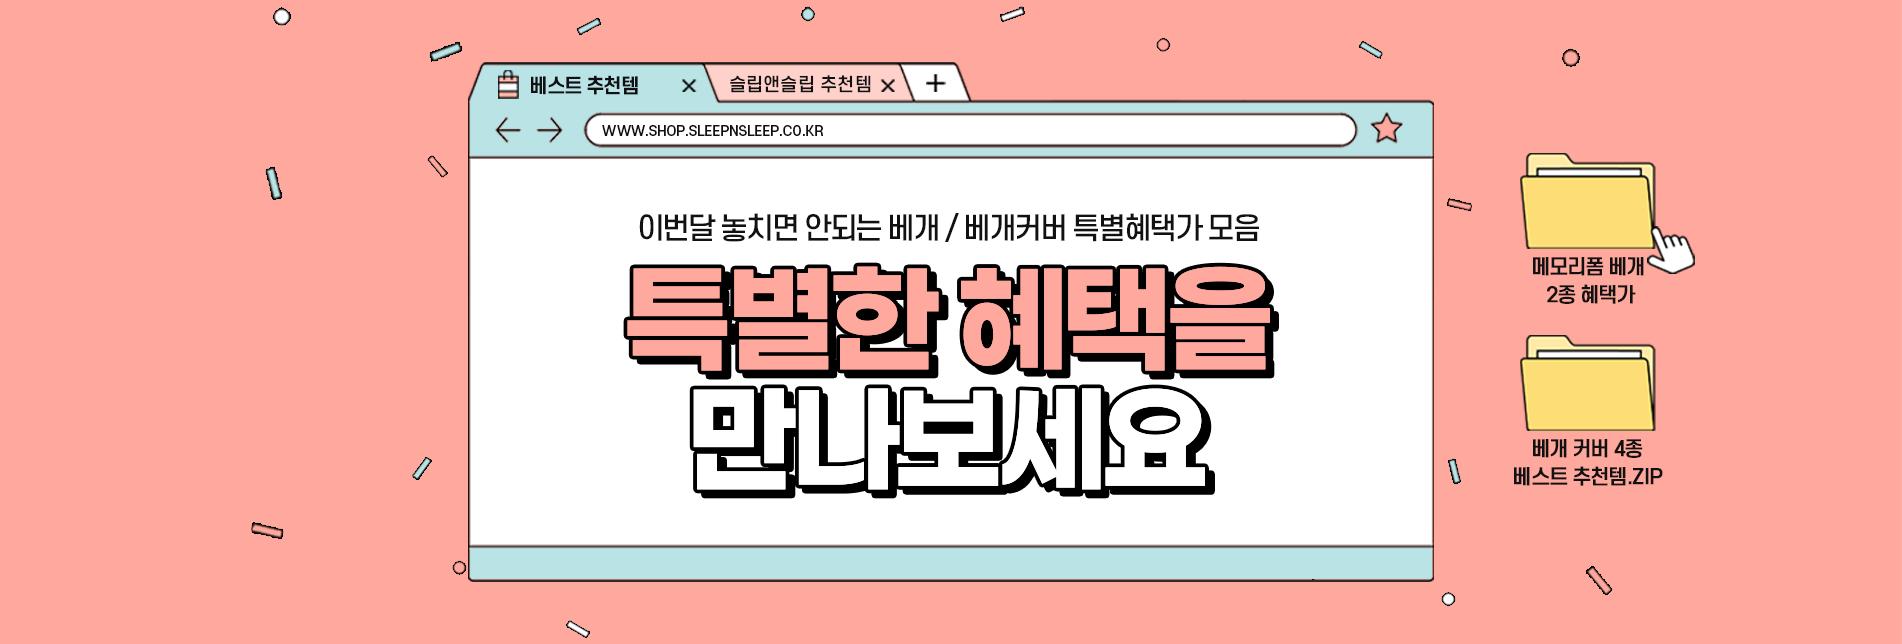 [기획전] 슬립앤슬립 베개커버 6종